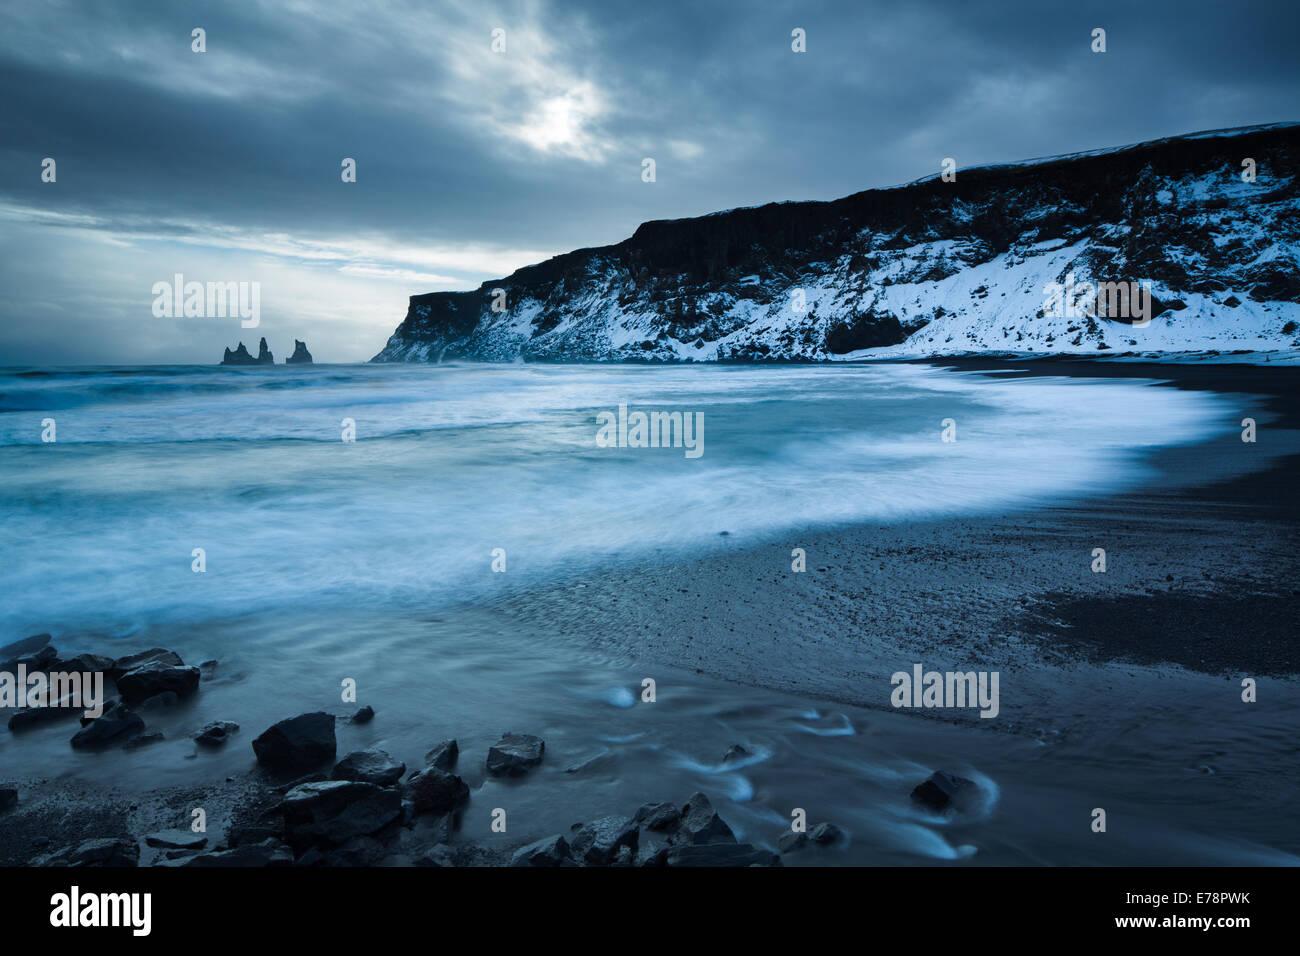 La plage de sable noir à Vík í Mýrdal en hiver, avec le Renisdrangar au-delà basaltiques, le sud de l'Islande Banque D'Images